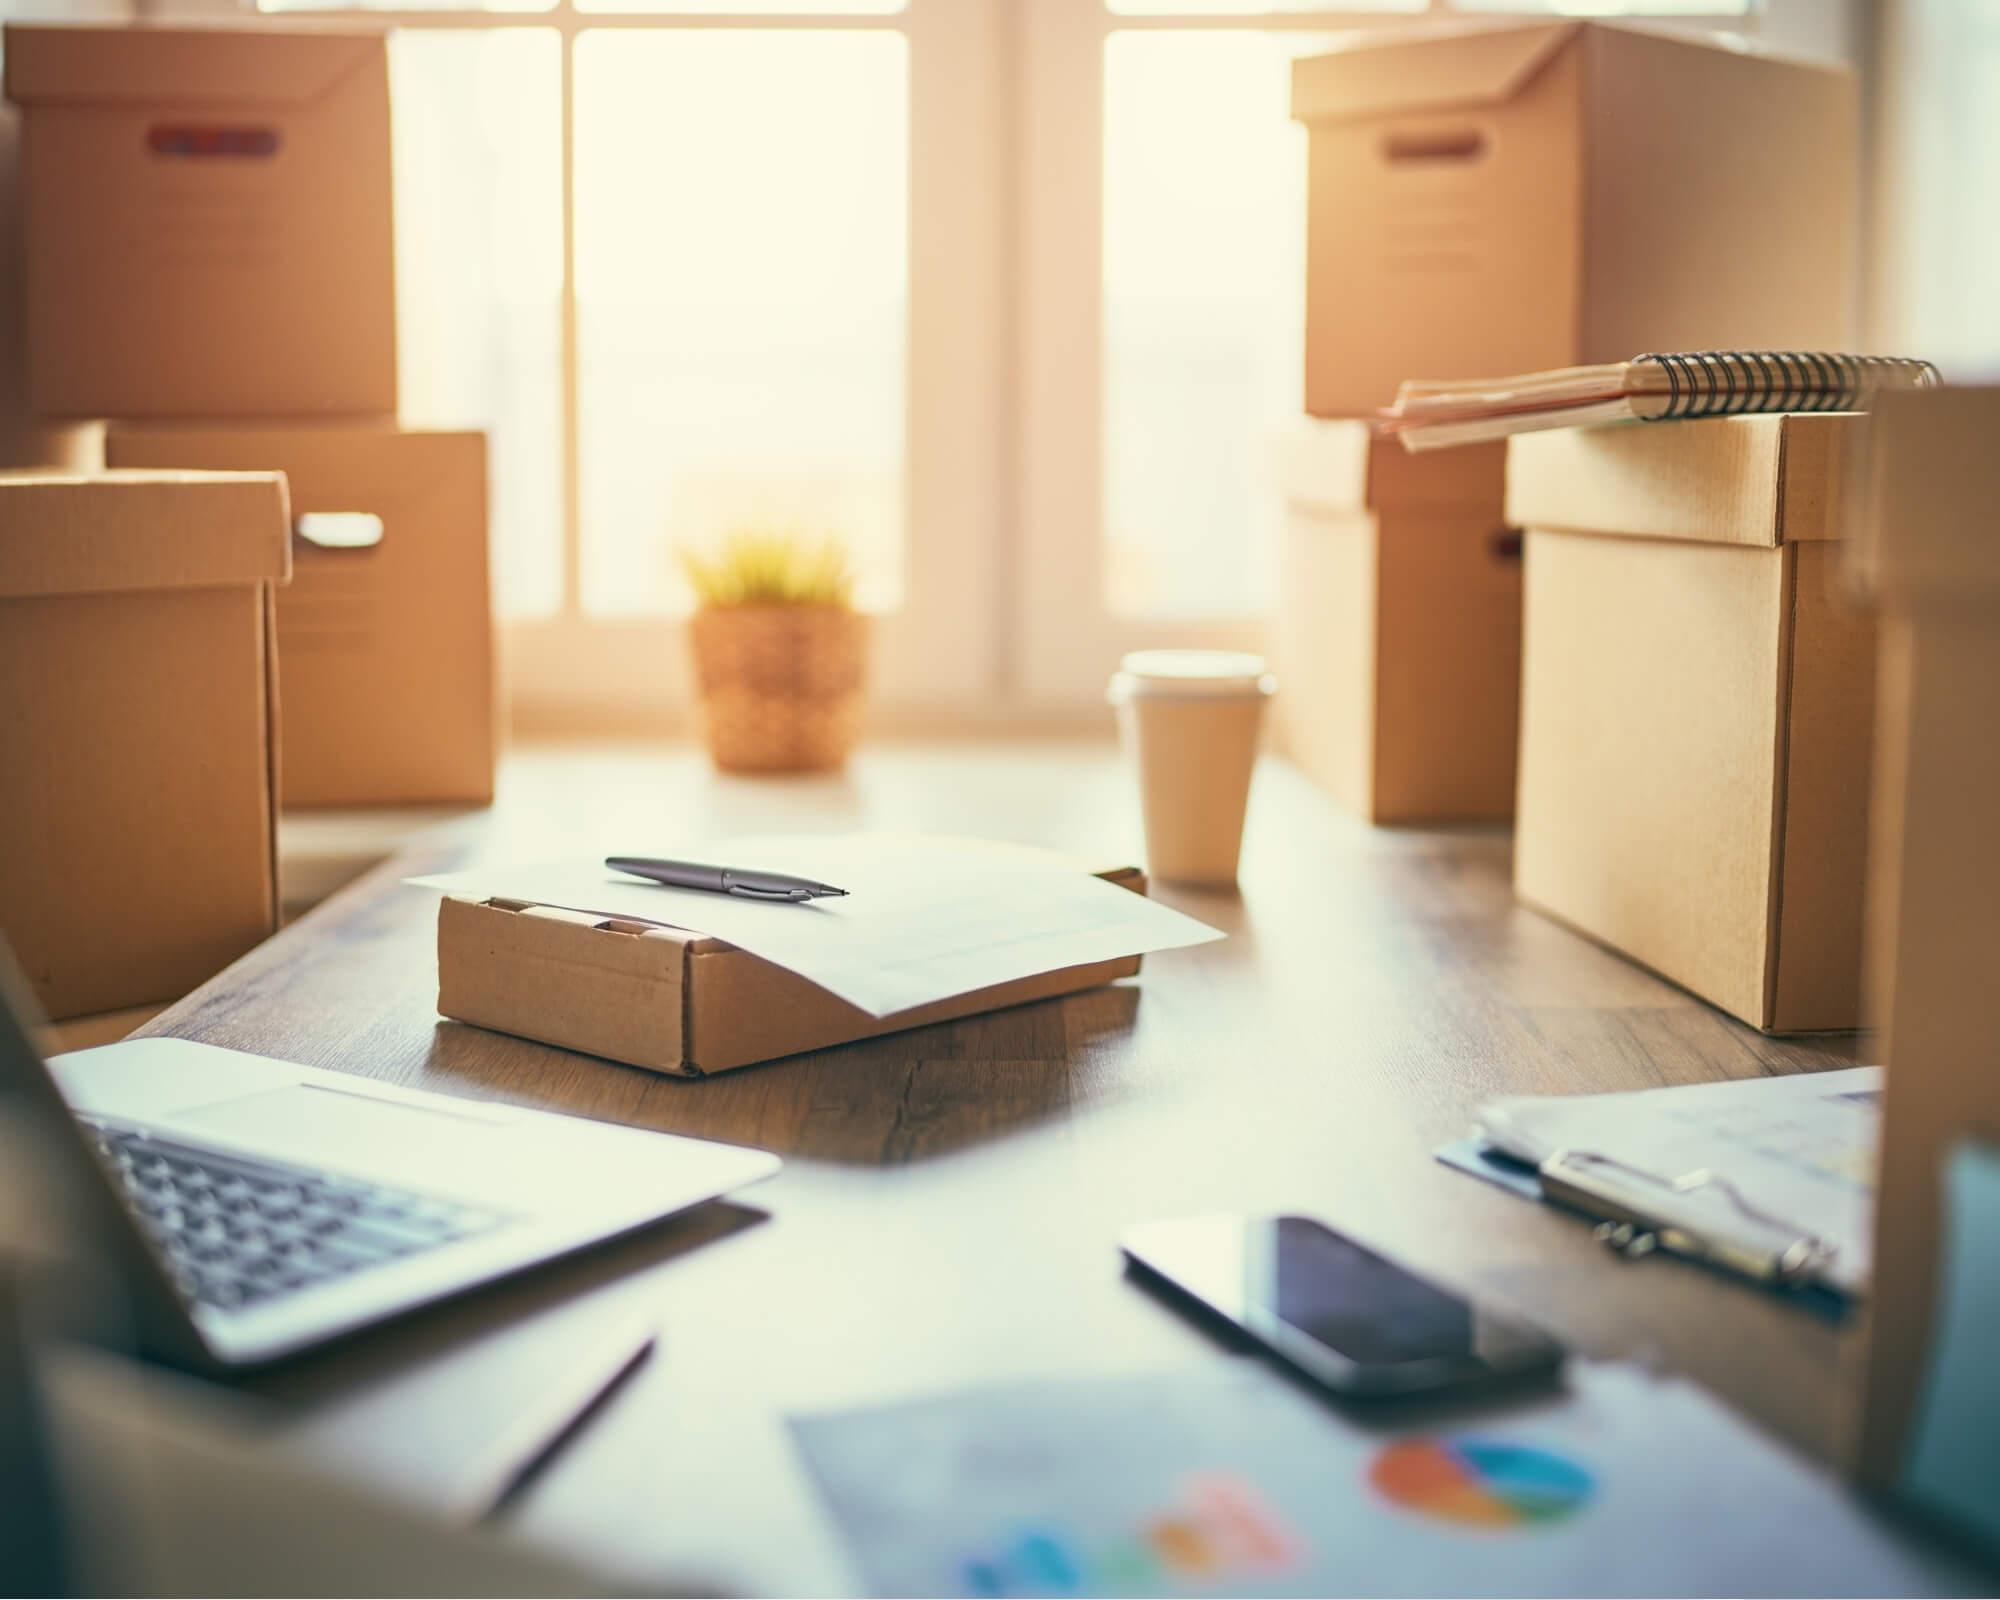 cajas para empaquetar productos y vender por Internet